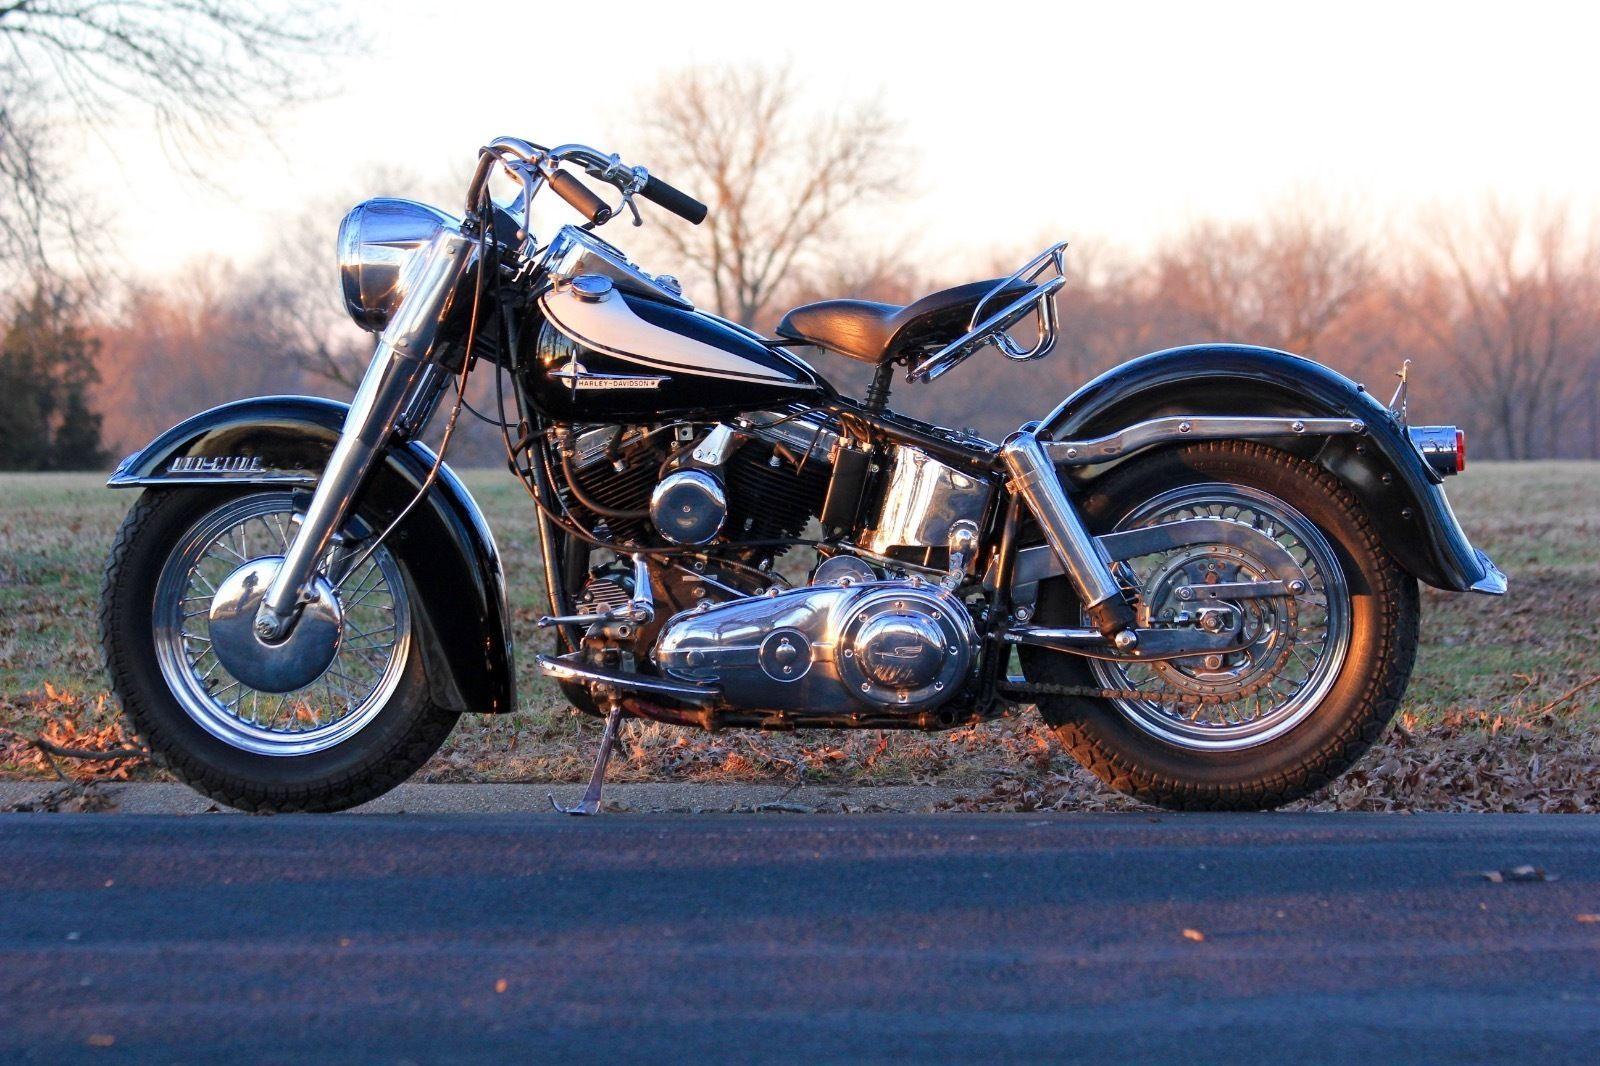 1962 Harley Davidson Flh Panhead Ebay Motors Motorcycles Harley Davidson Ebay Harley Davidson Trike Harley Harley Davidson